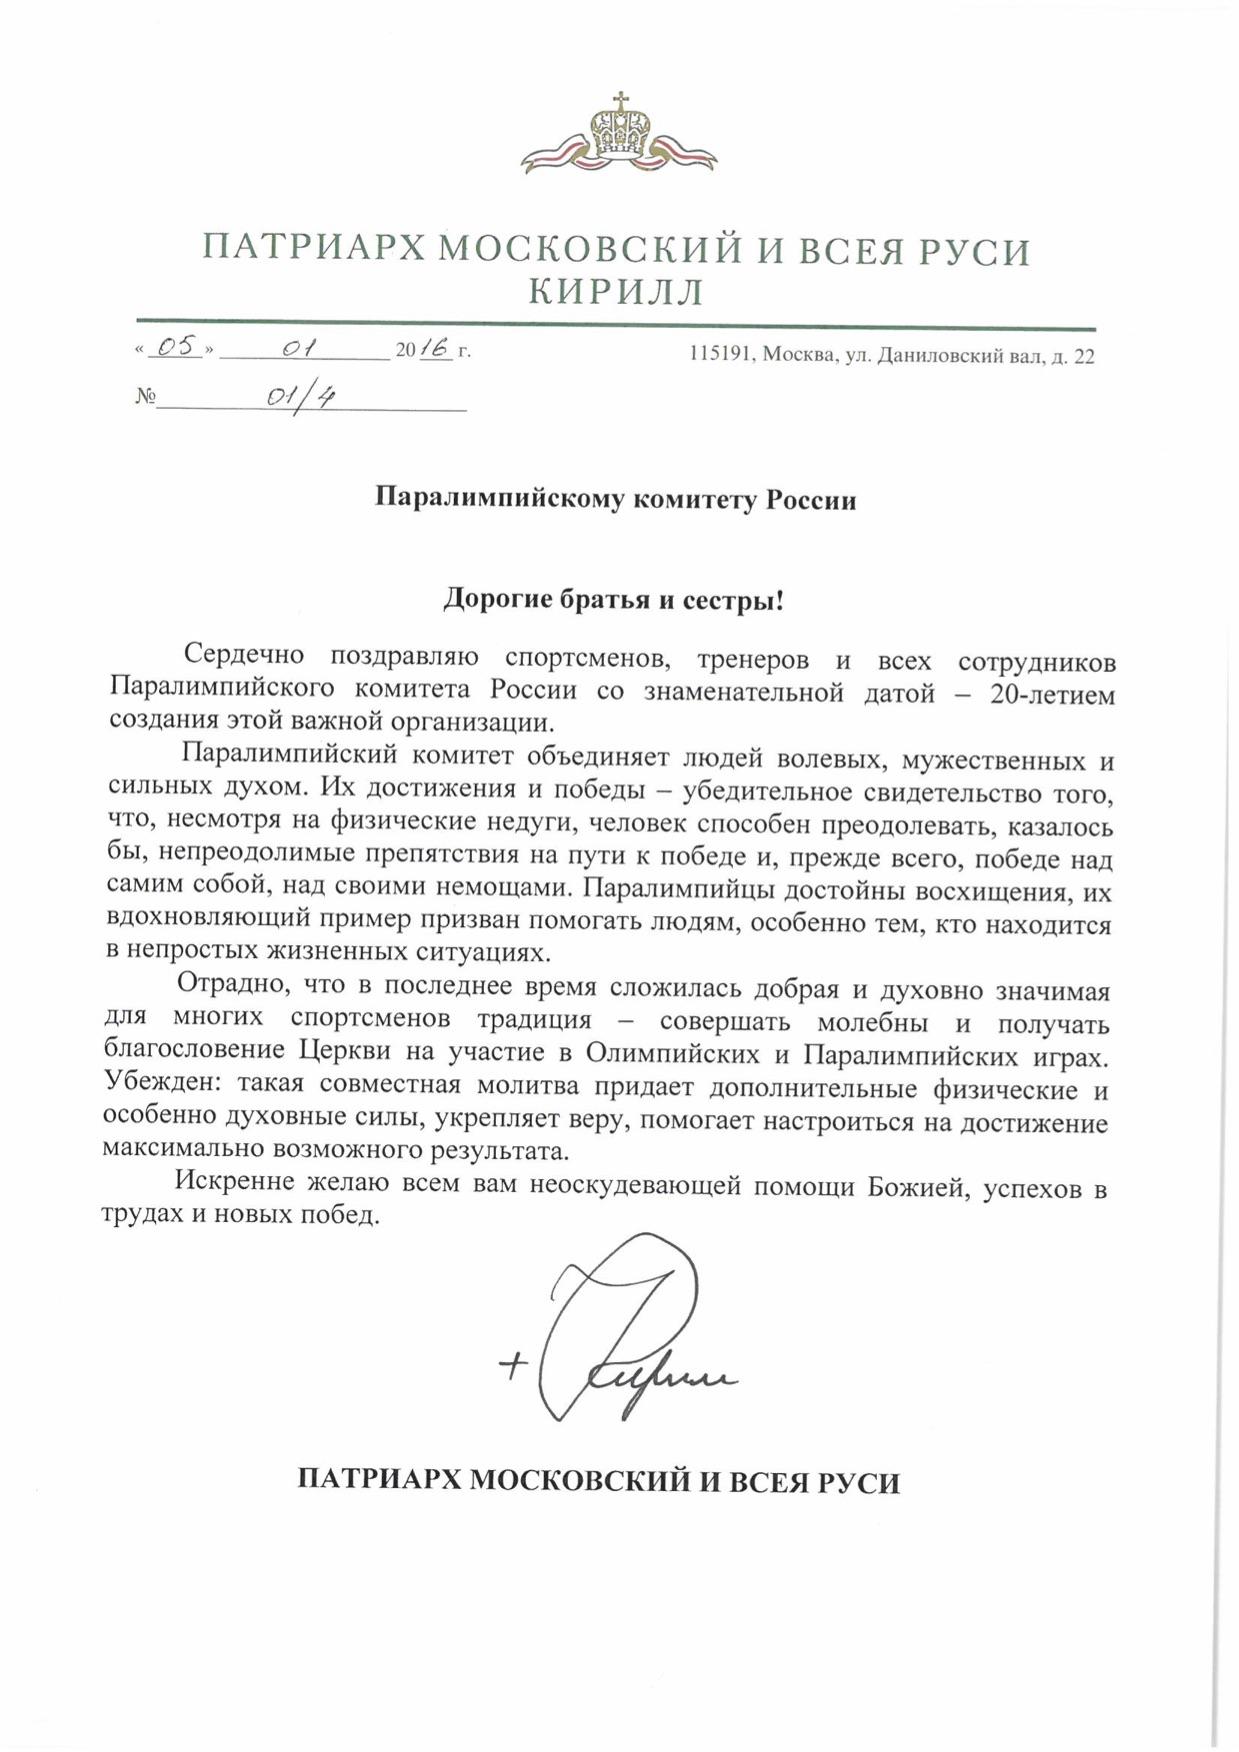 Патриарх Московский и всея Руси Кирилл поздравил Паралимпийский комитет России с 20-летием